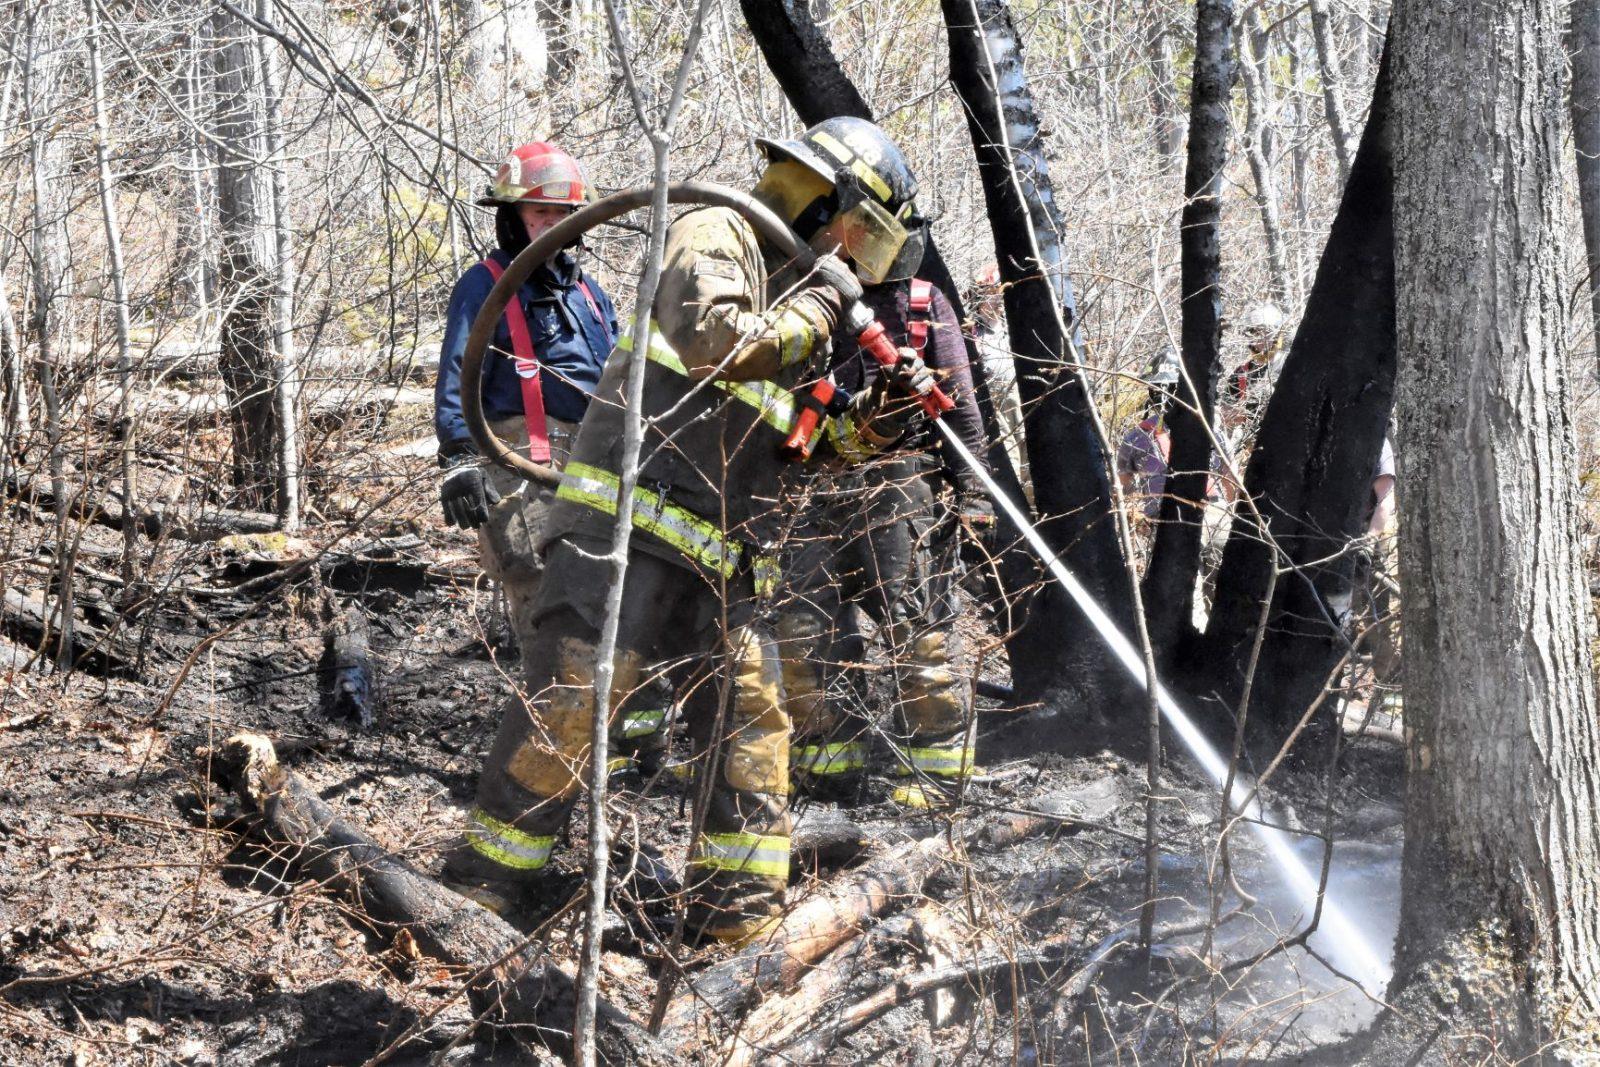 Feu de forêt à Baie-Saint-Paul: « il y avait des flammes partout, plus grandes qu'un homme ».